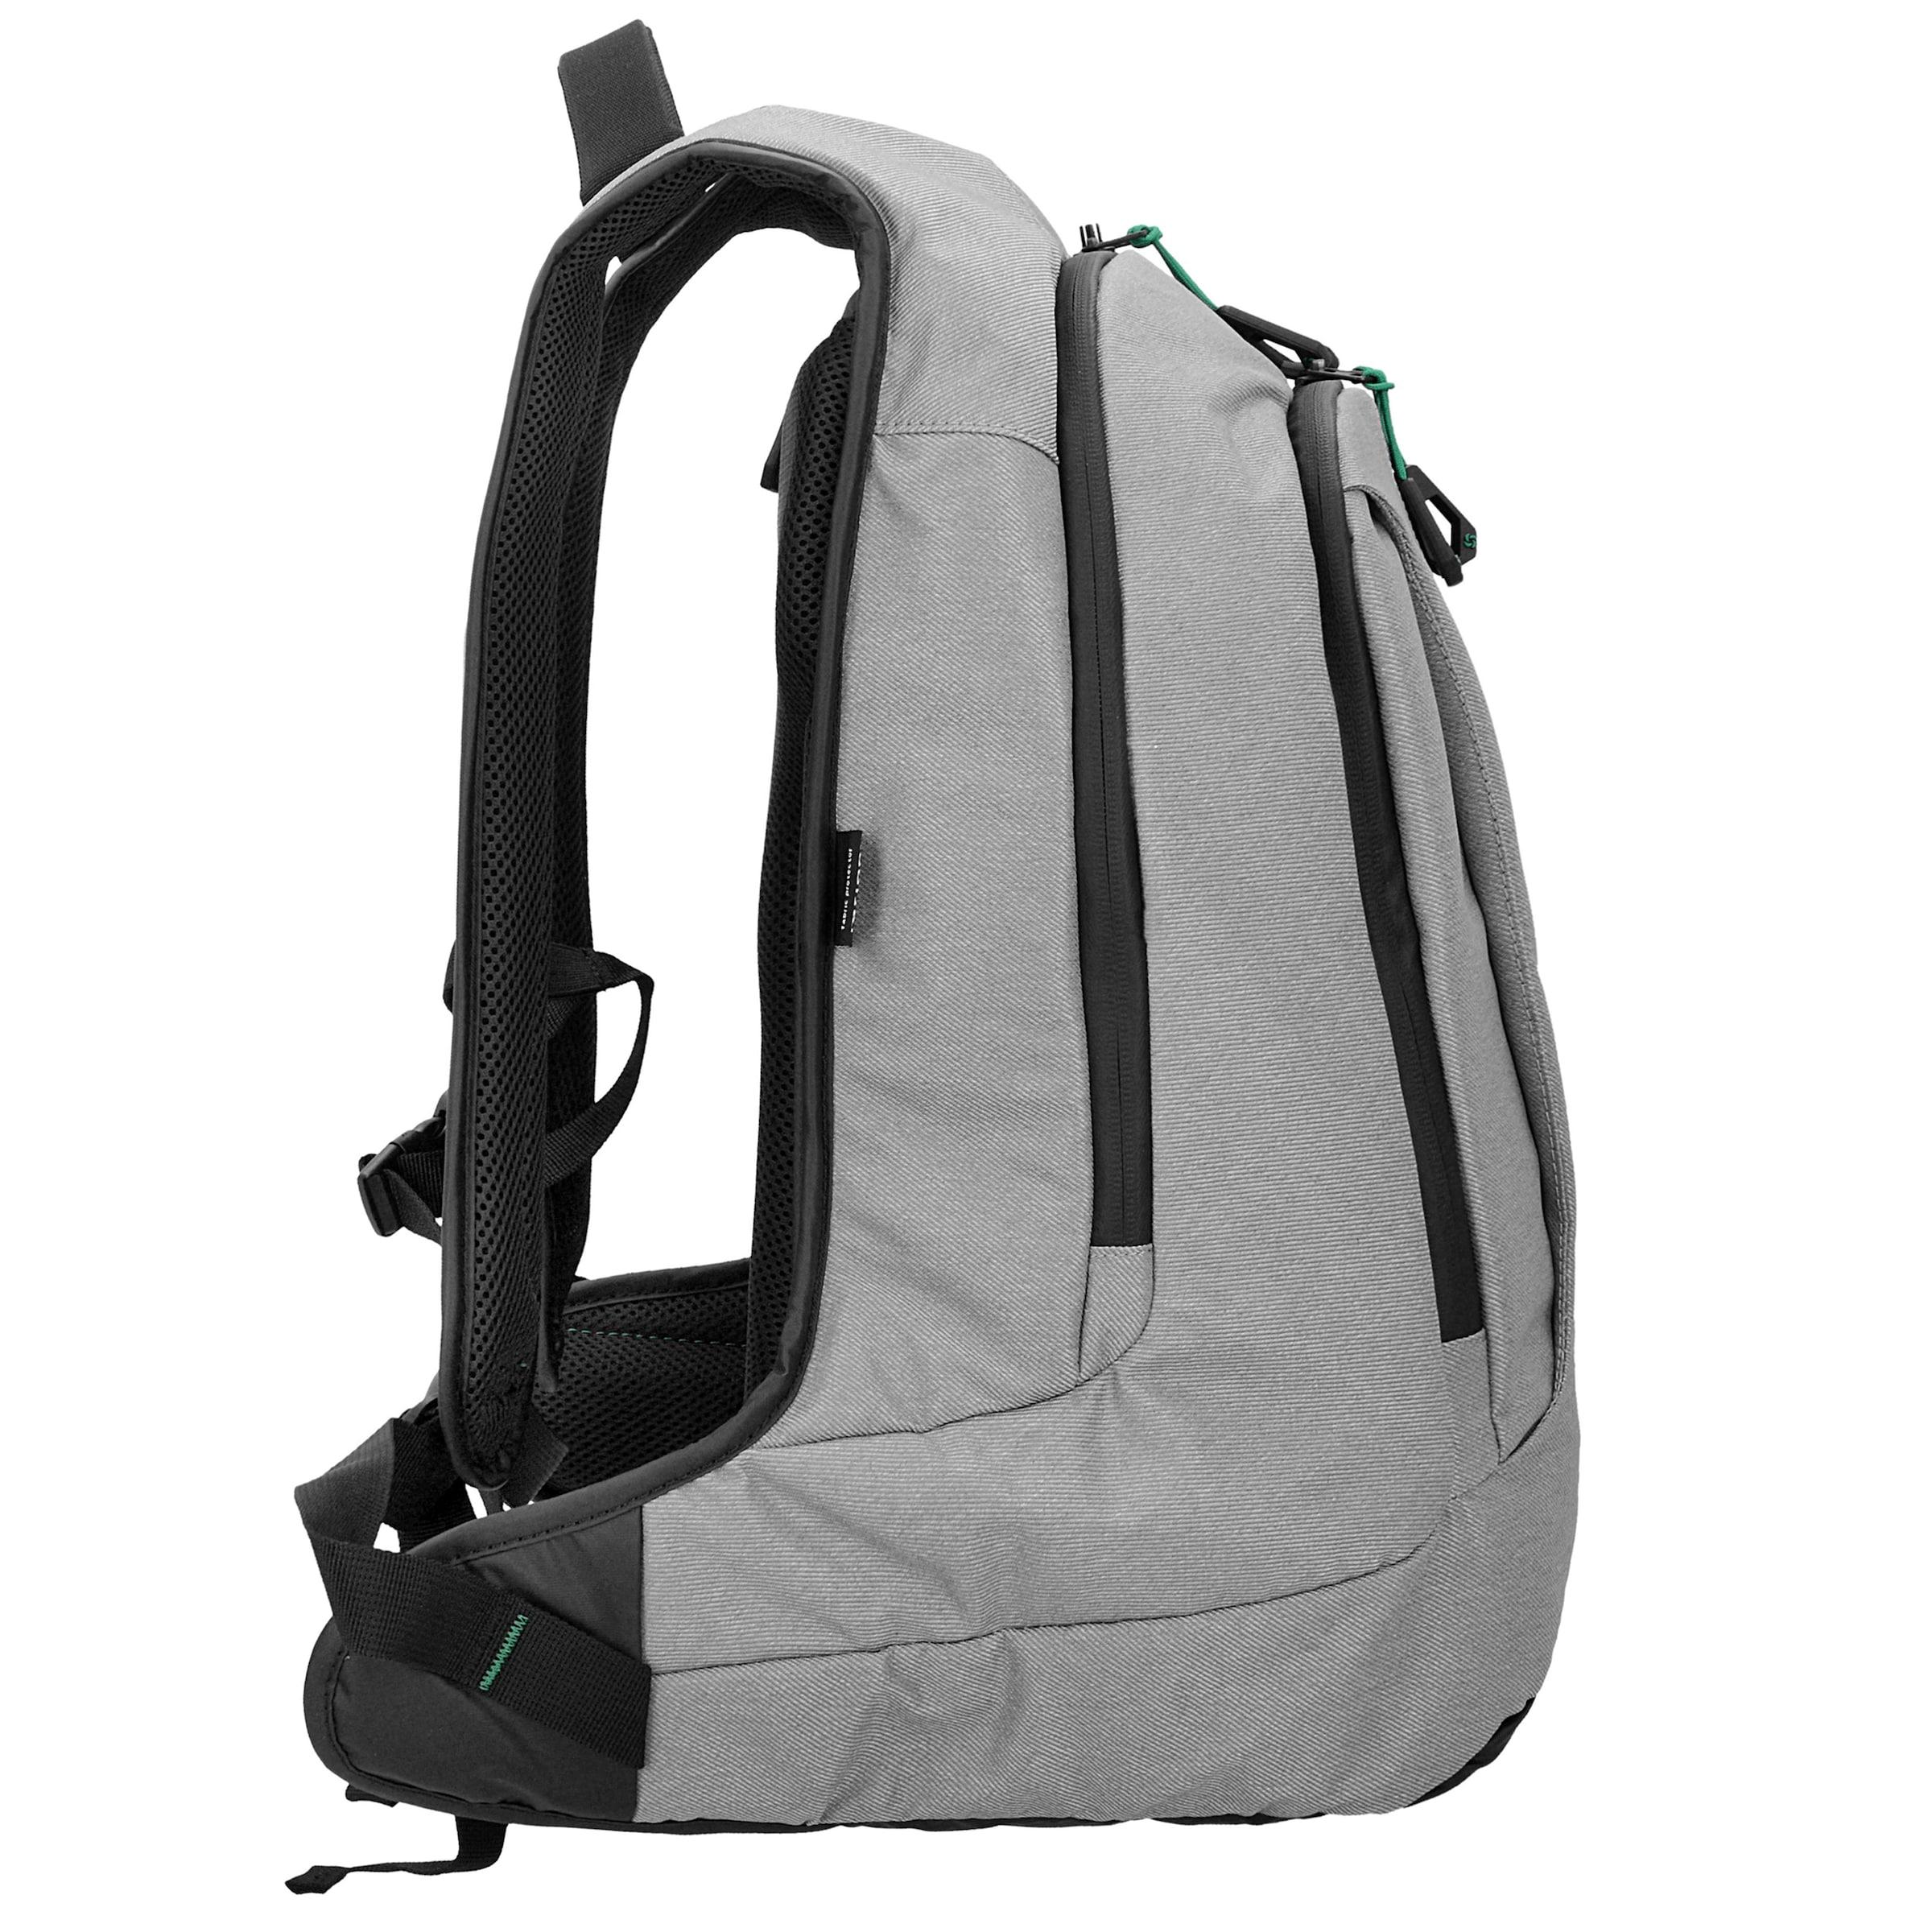 Kaufladen Günstigster Preis SAMSONITE Paradiver Light Rucksack 43 cm Laptopfach Gutes Verkauf Günstig Online Hohe Qualität Günstig Online fx4MSy